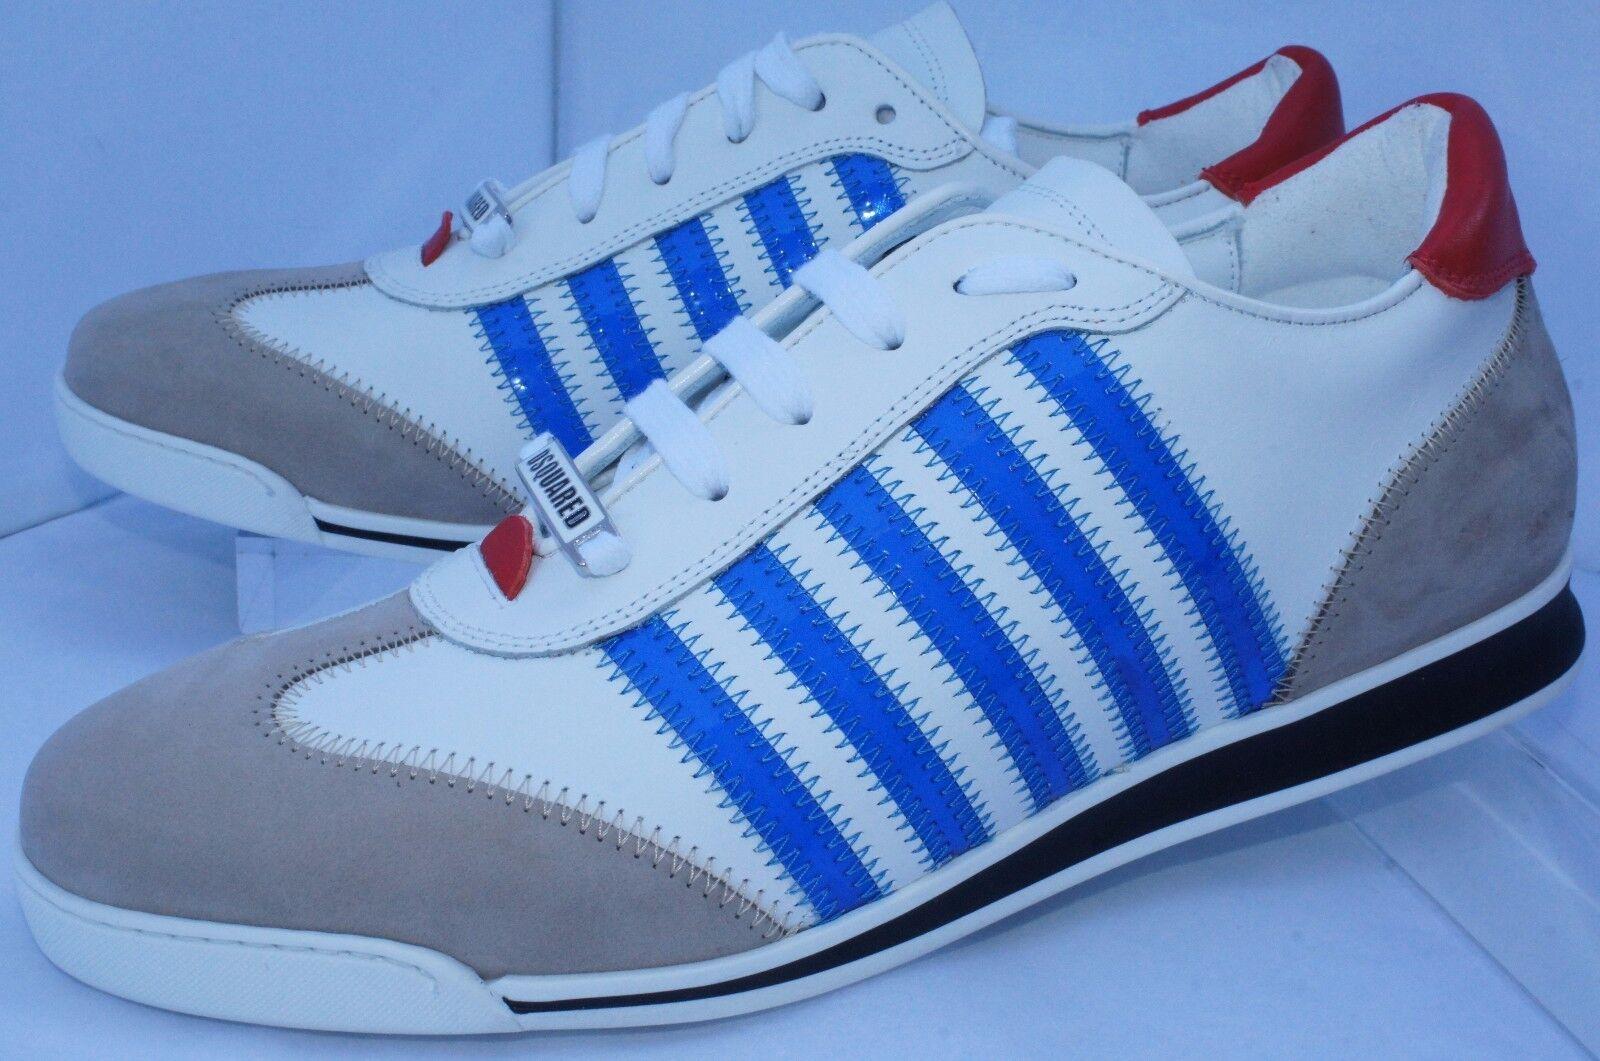 New Dsquarosso2 Uomo Tennis scarpe bianca bianca bianca scarpe da ginnastica Dimensione 43 New Runnr Vitello Fashion f0dcc2